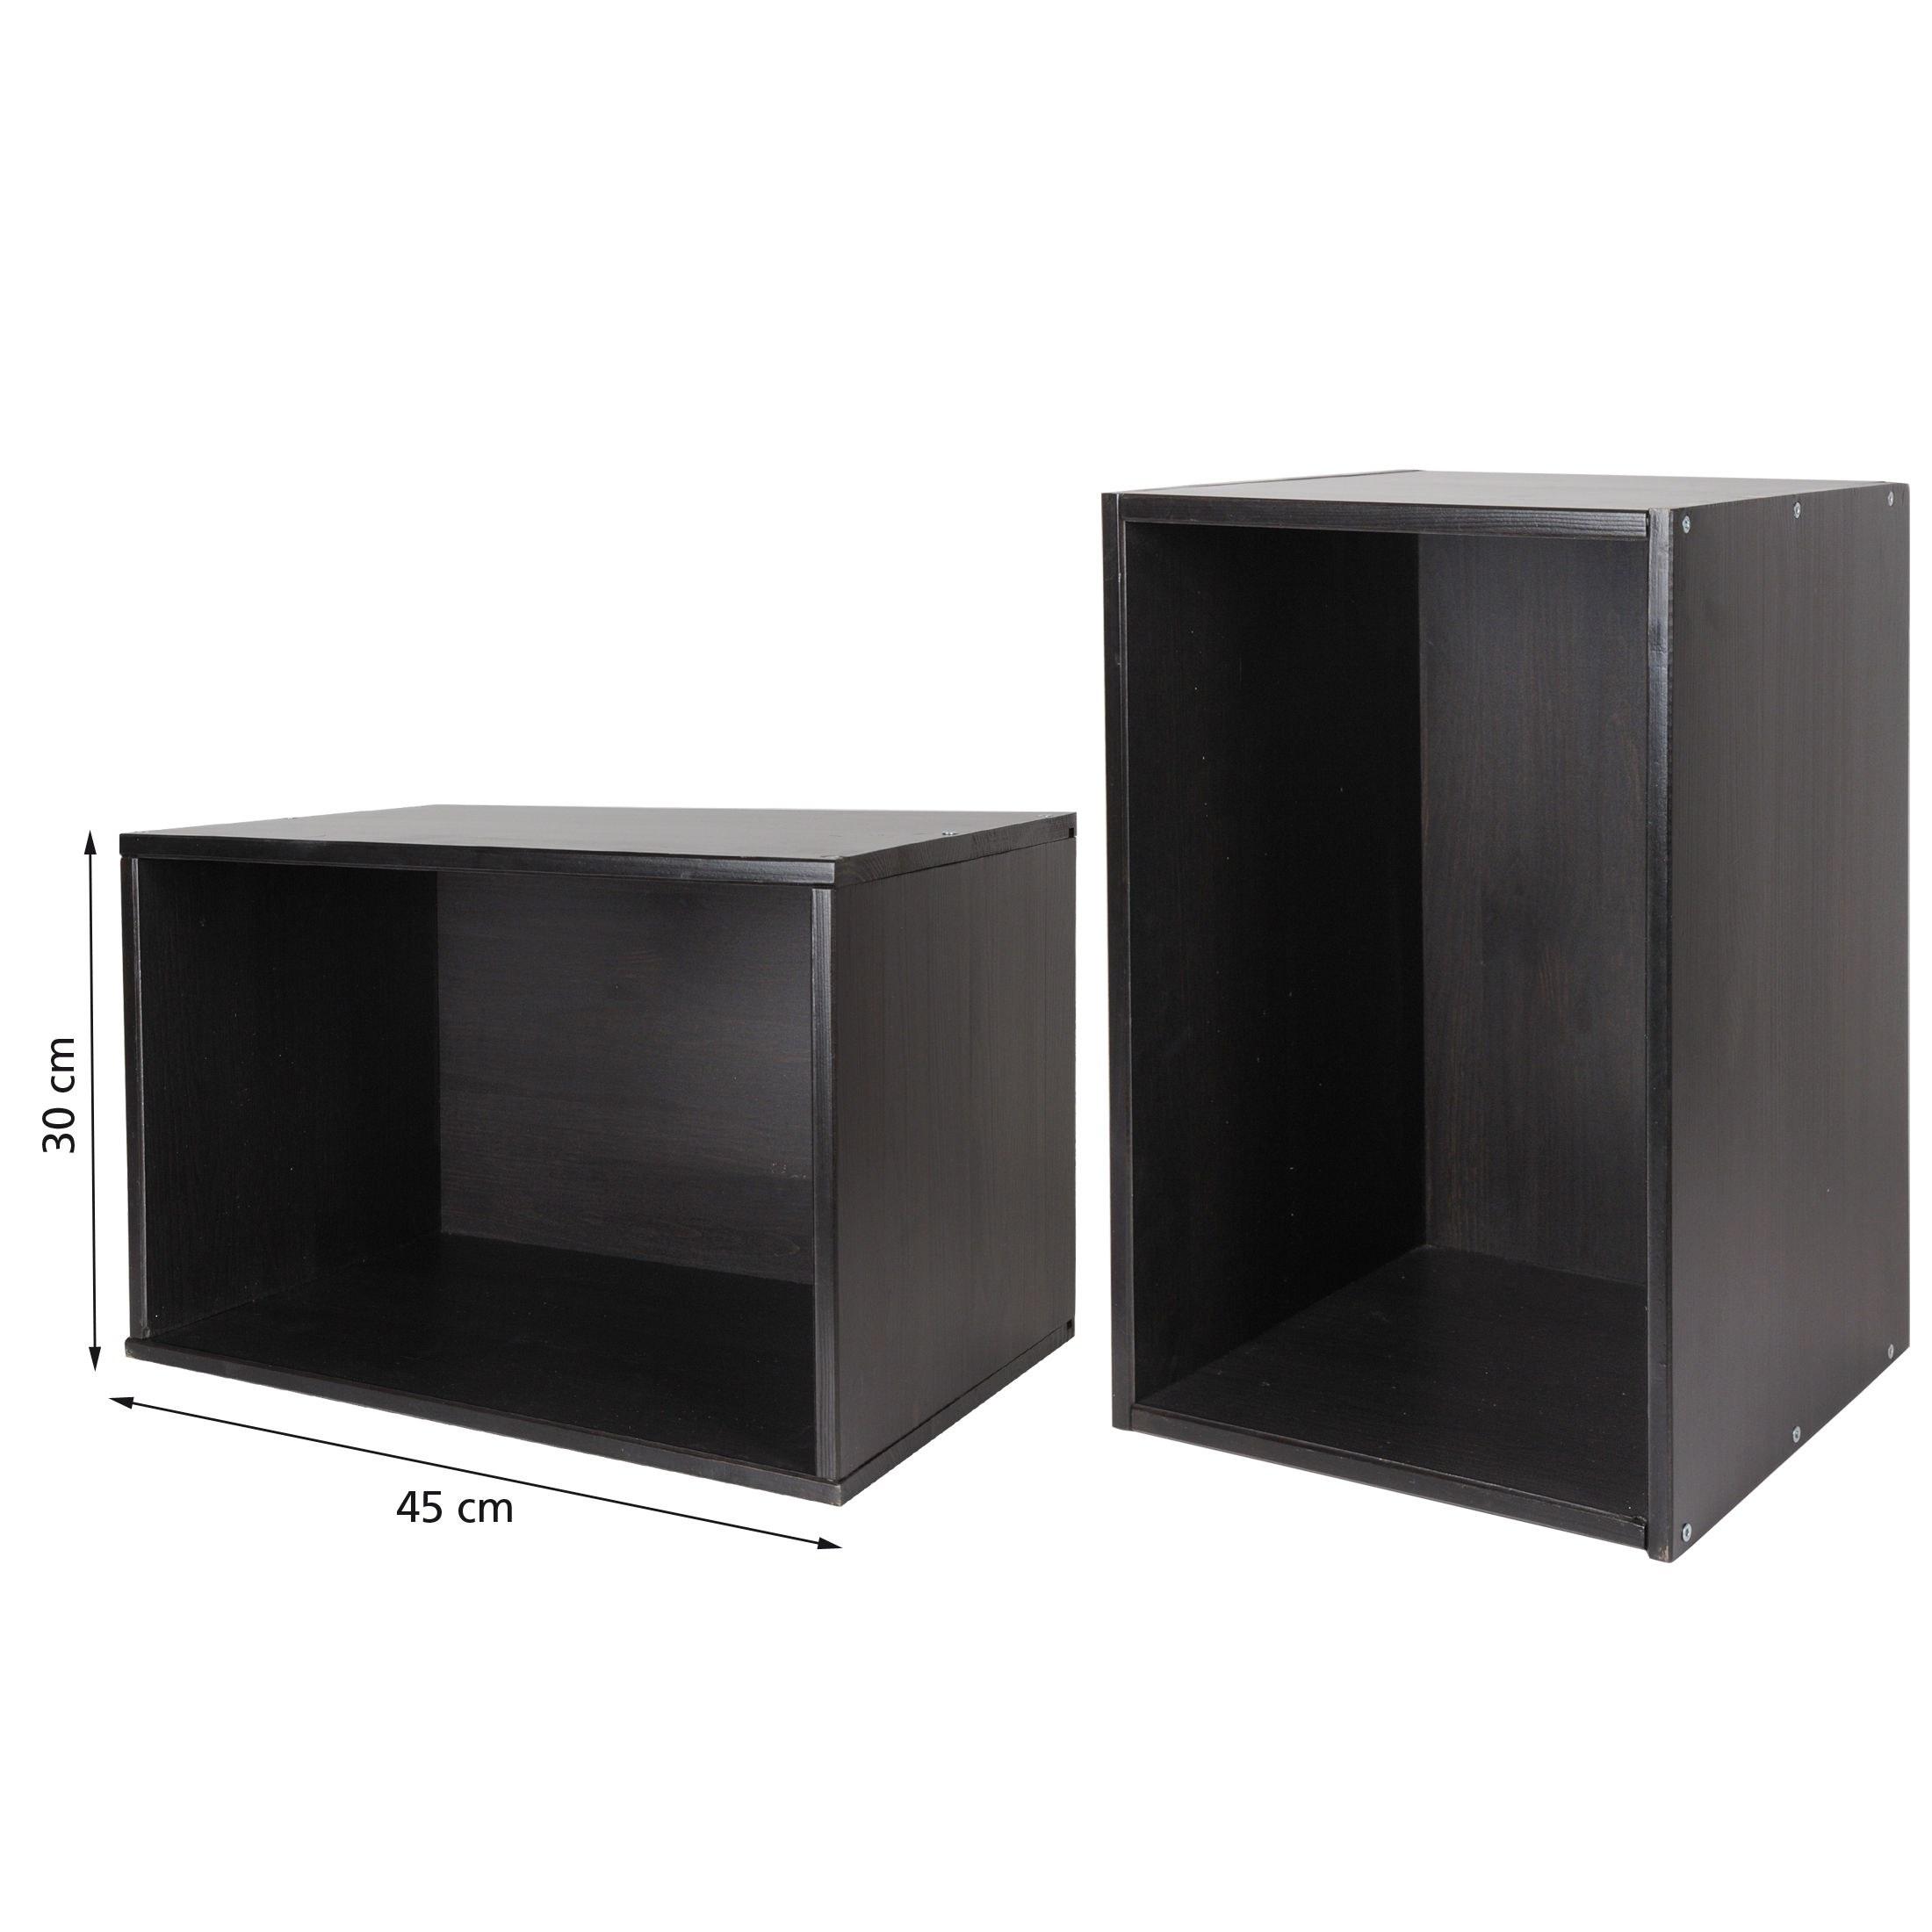 weinregal flaschenregal veneto holz kiefer natur und wenge kiste f r 18 fl ebay. Black Bedroom Furniture Sets. Home Design Ideas